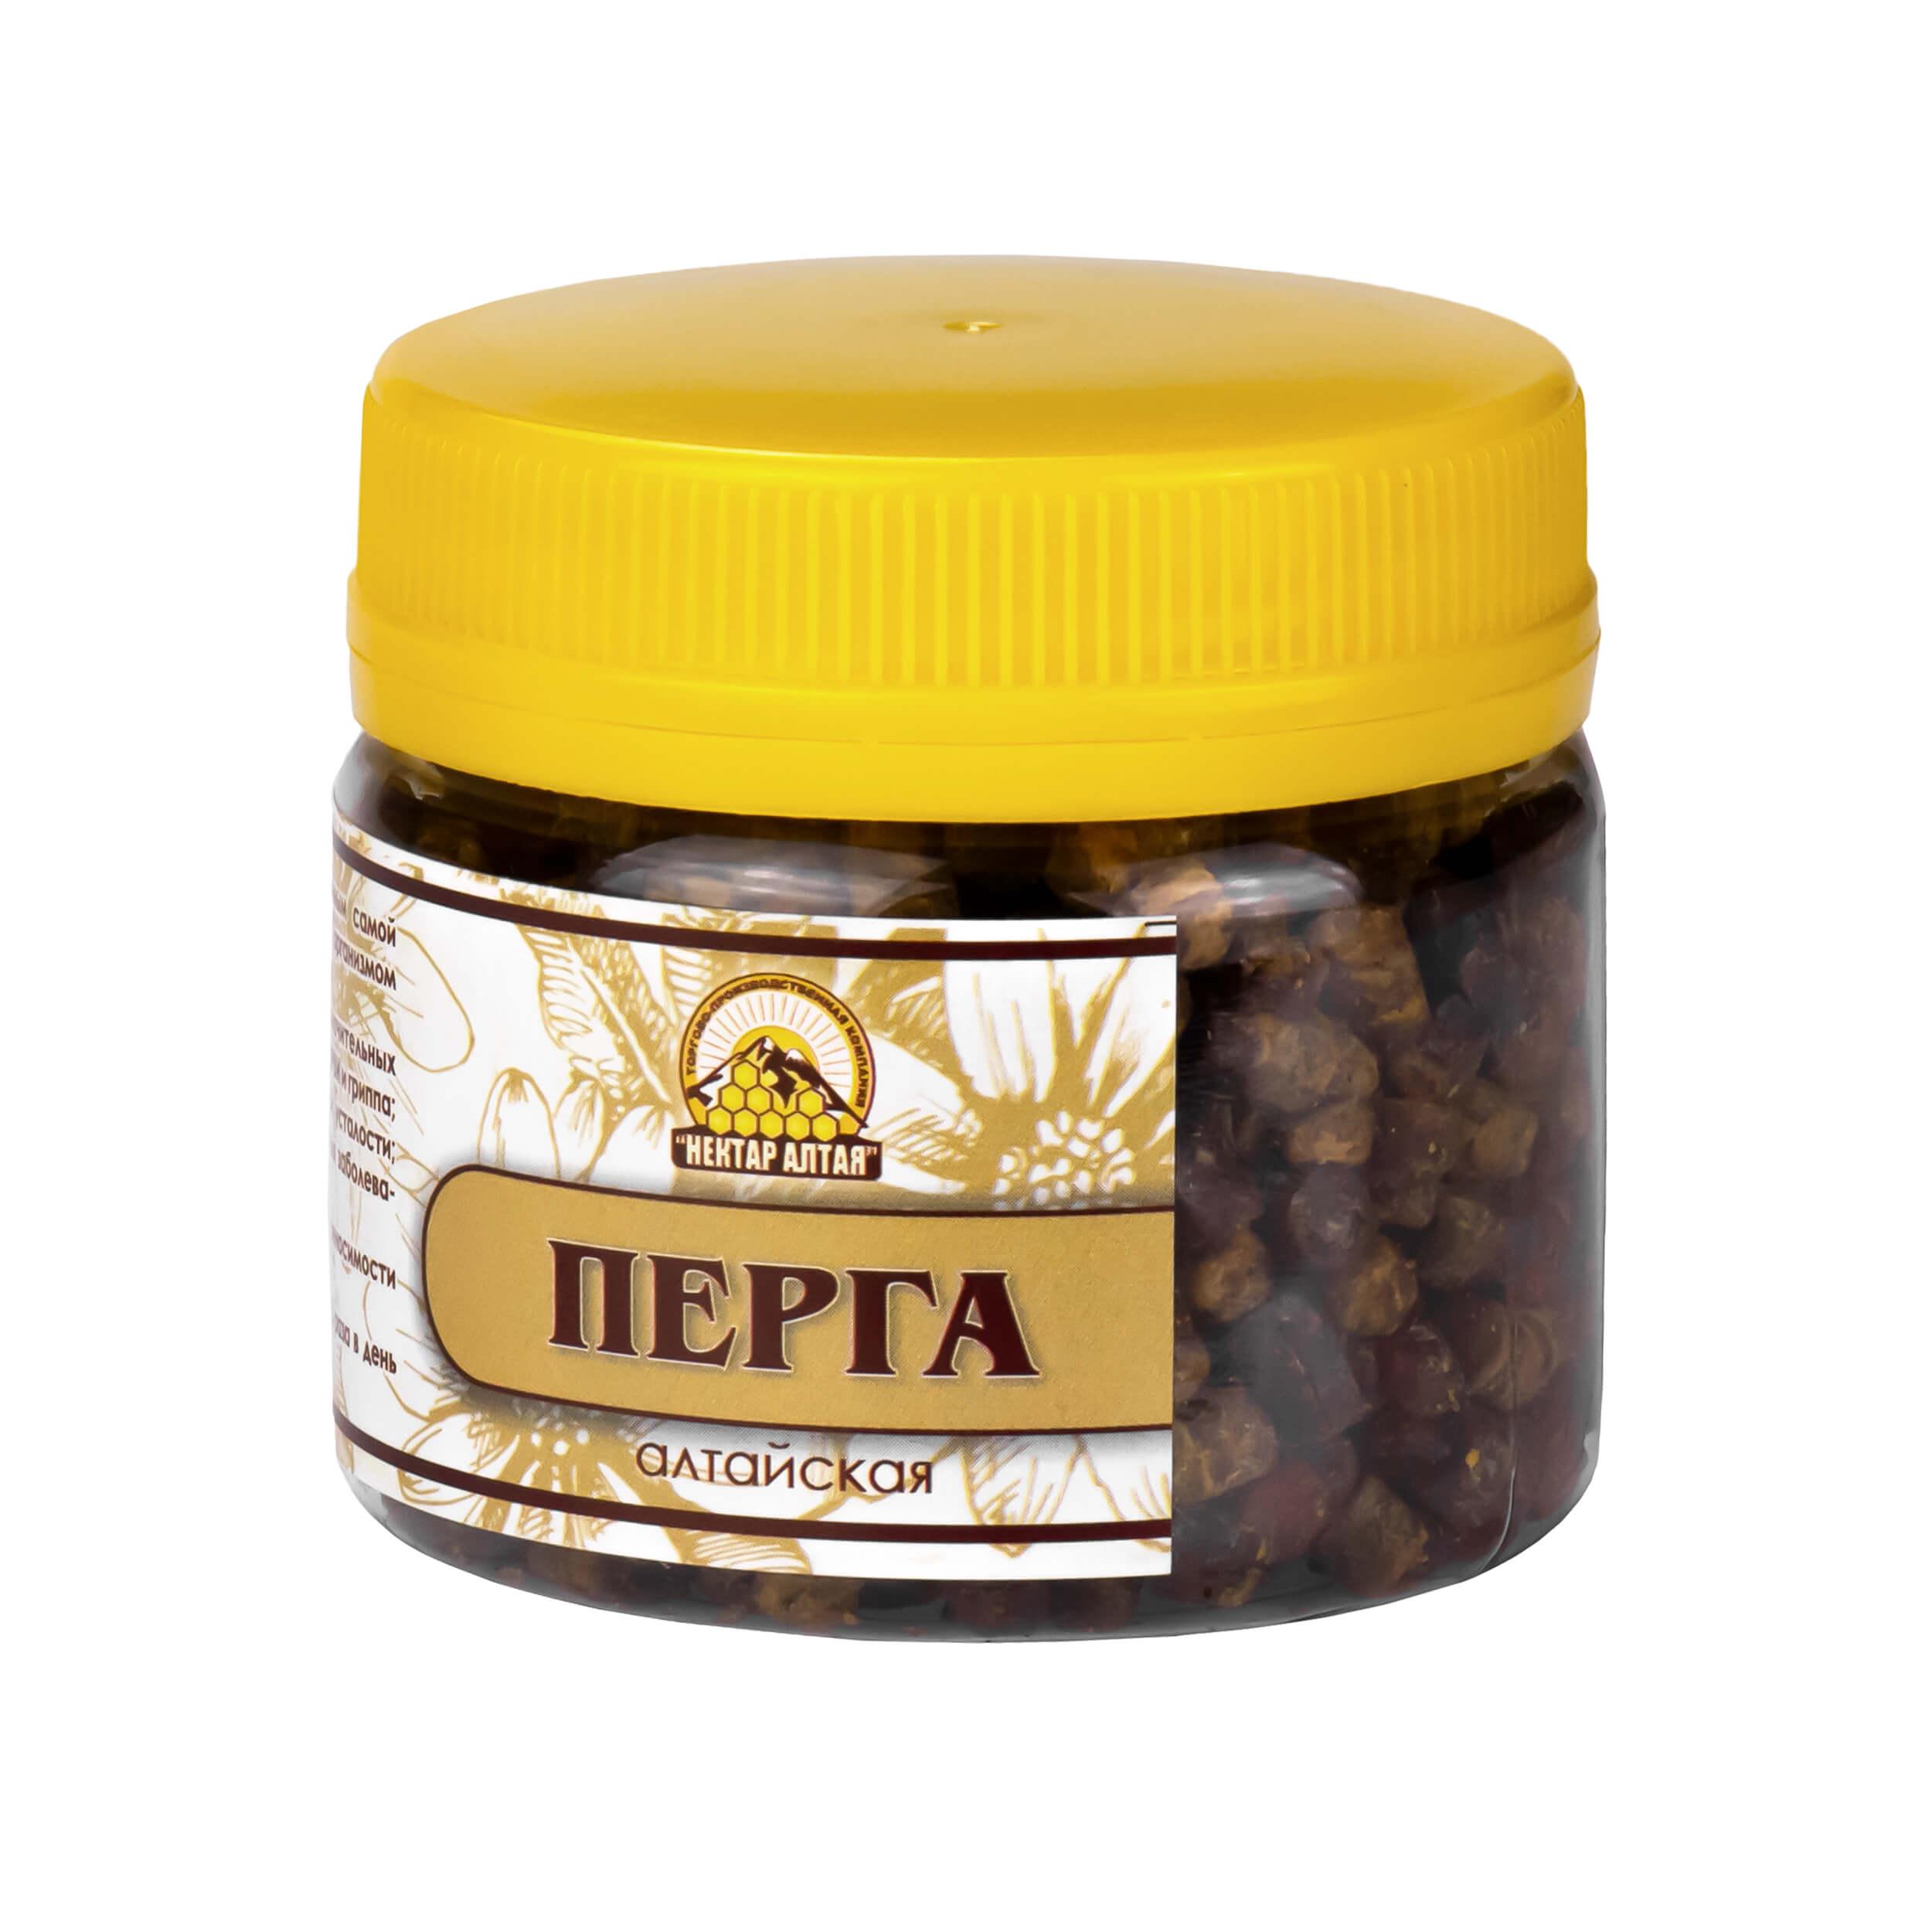 Перга пчелиная алтайская (100 грамм) фото